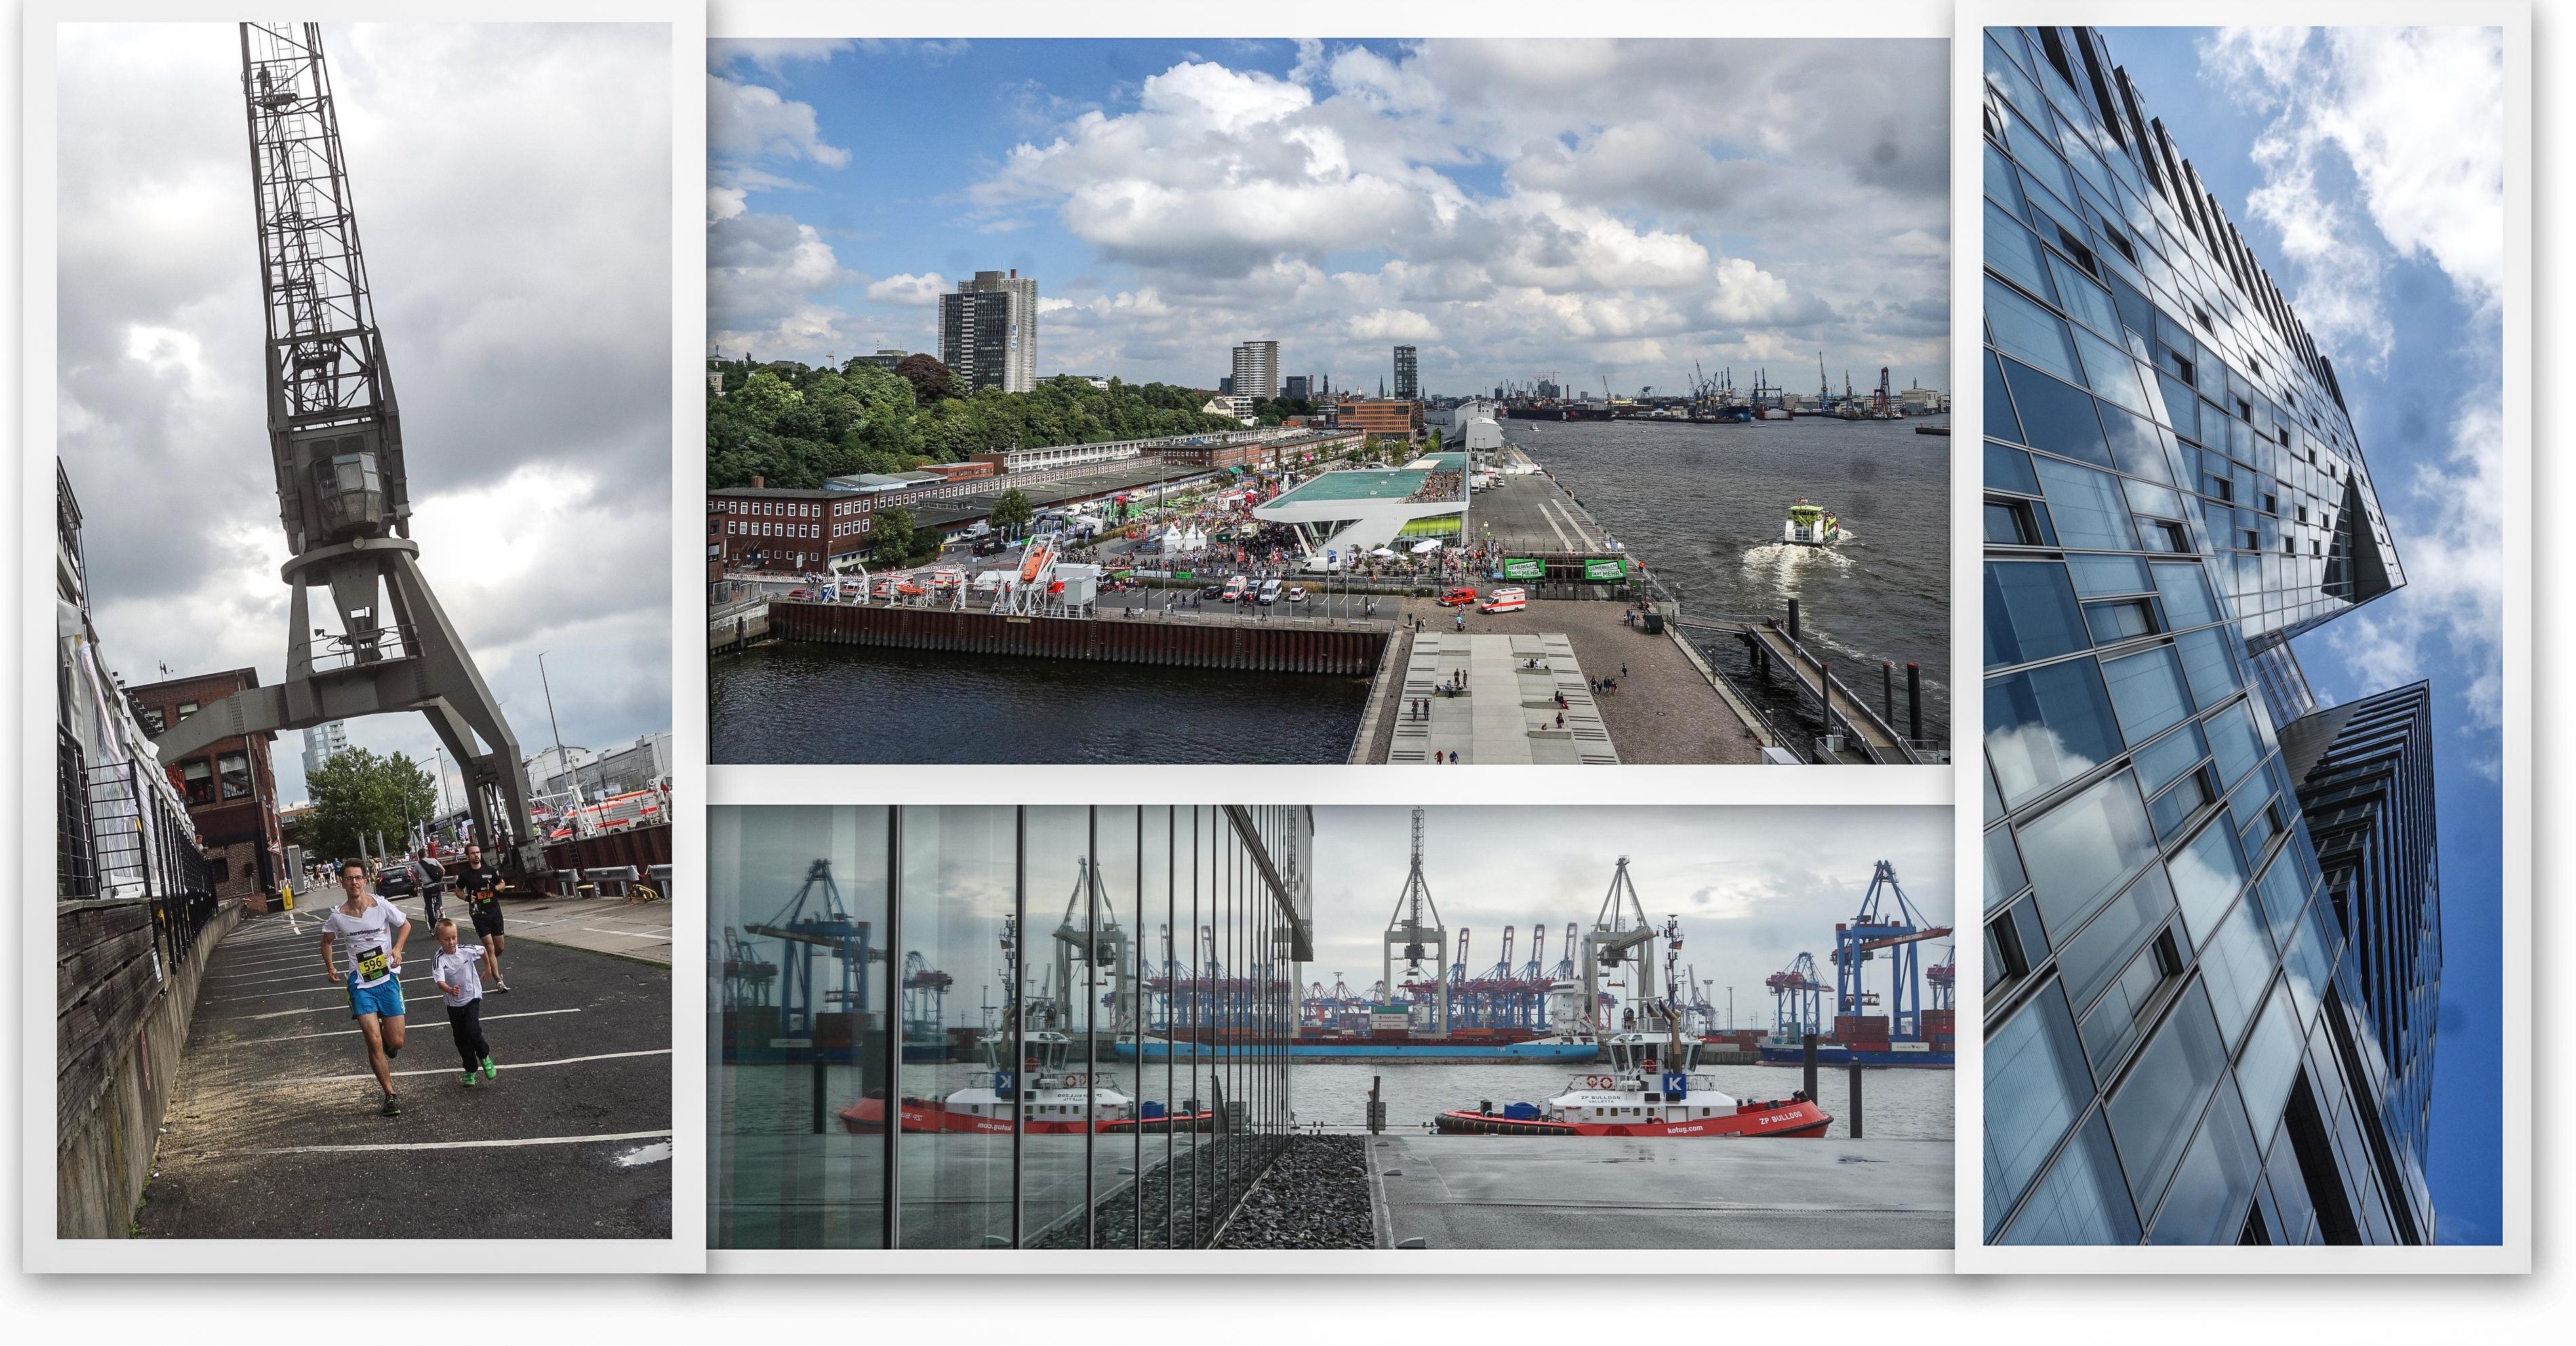 Urbatlon Urbanathlon Urbathlon Fotos Bilder Bericht Ergebnisse Hamburg Strecke Hindernisse Blog alf Dahl Ben Dahl